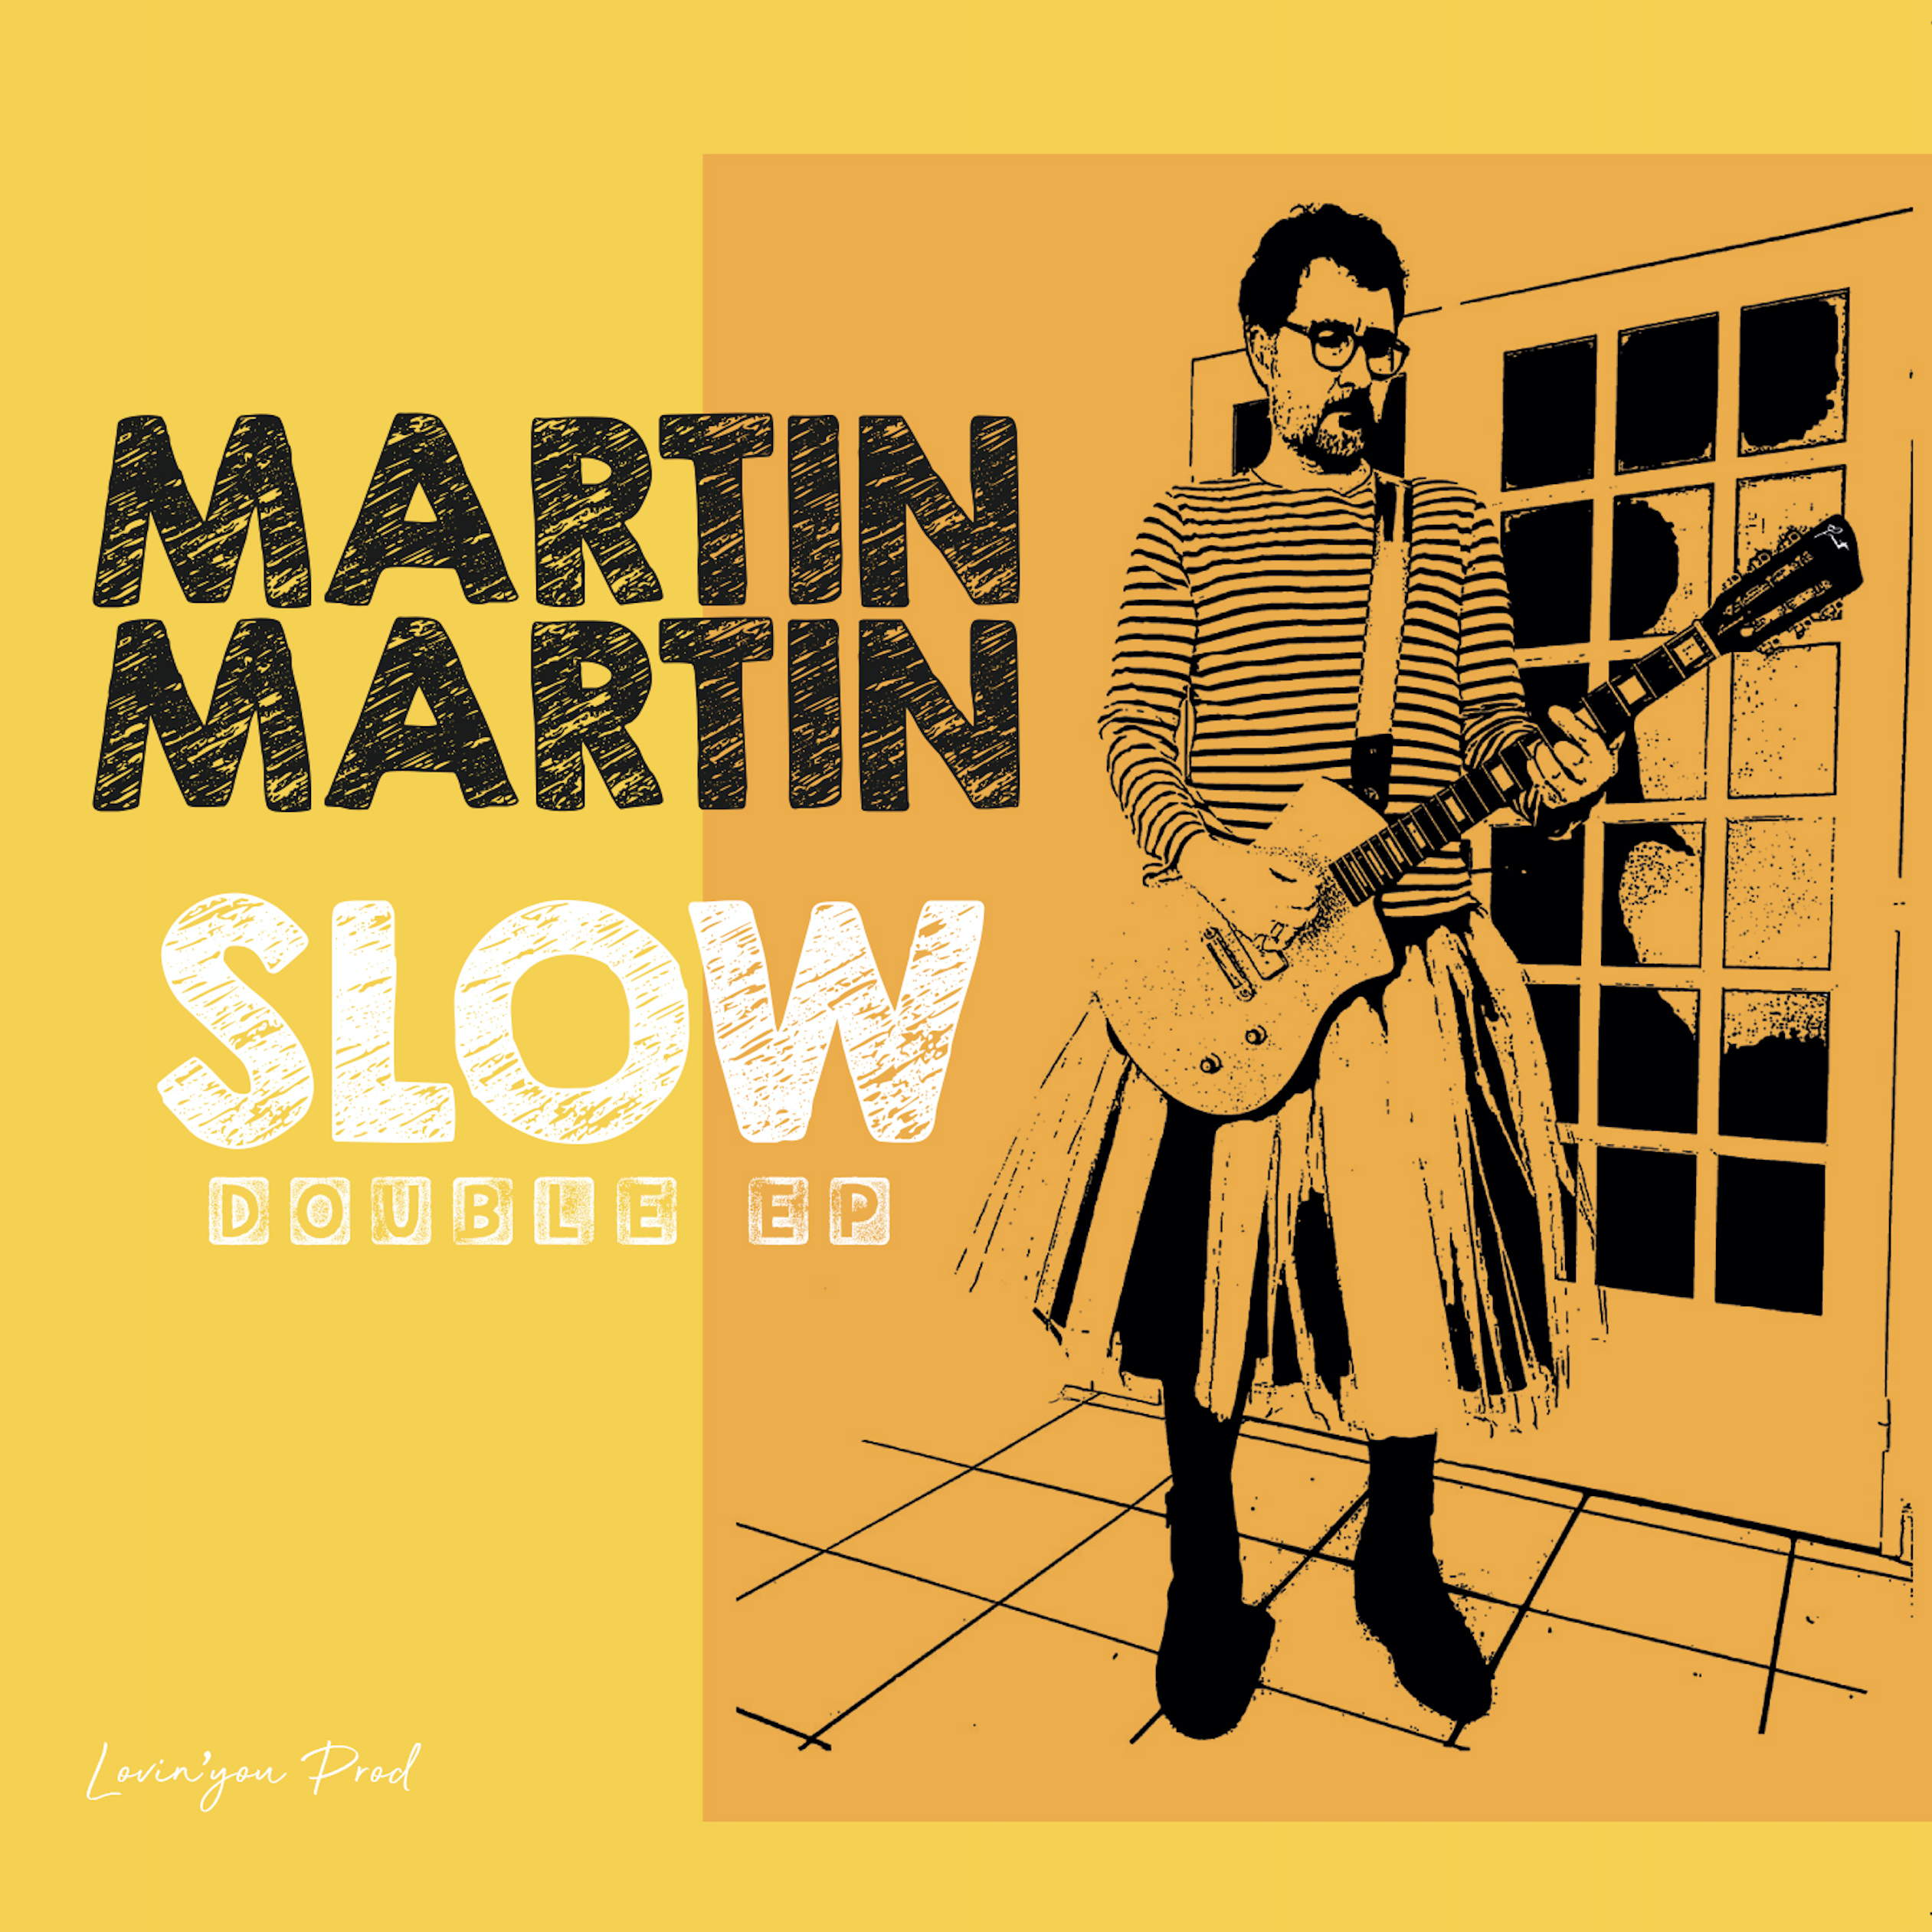 Voici la ochette de SLOW, le premier album de MARTINMARTIN. Il apparaît avec son tutu et sa Lou Juniore, guitare à paillette créée par Girault Guitars.